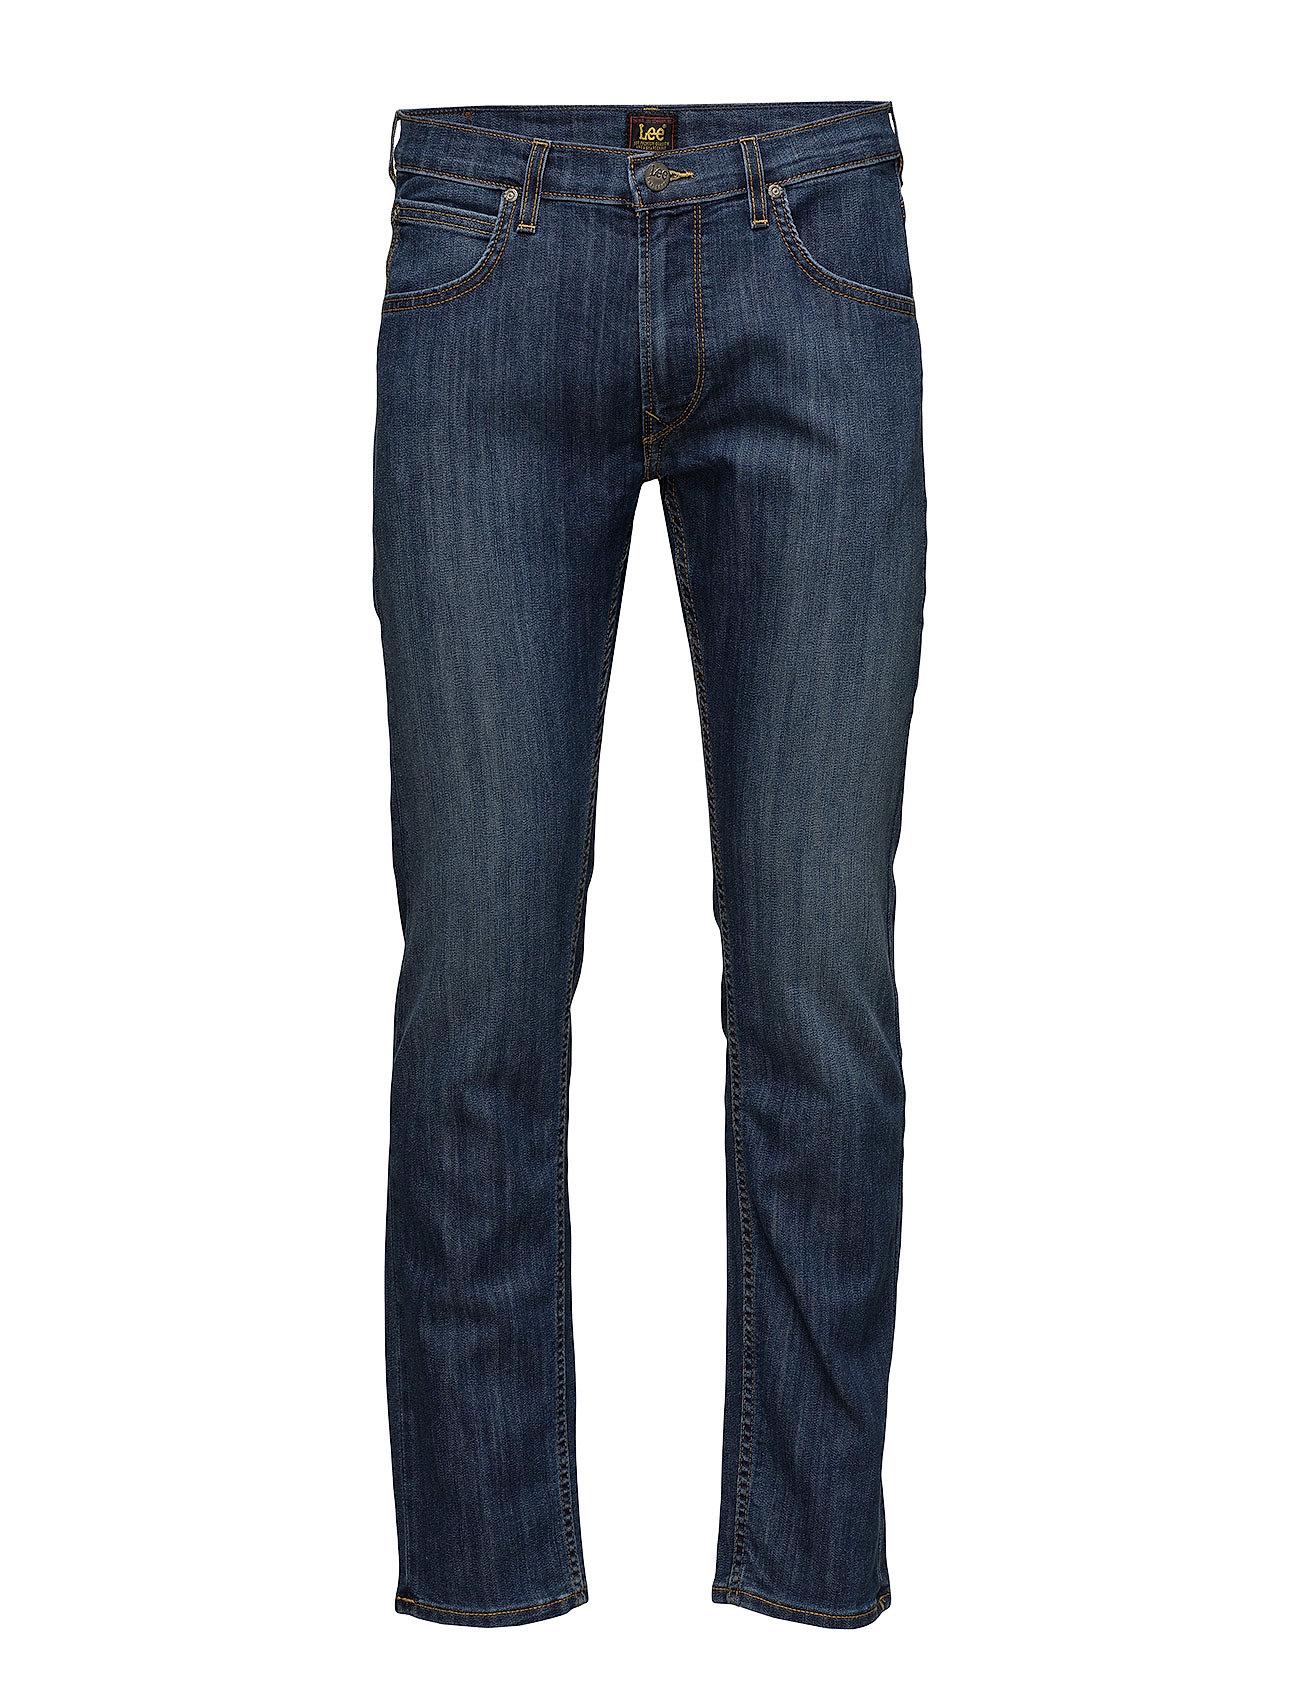 Lee Jeans DAREN ZIP FLY - TRUE BLUE